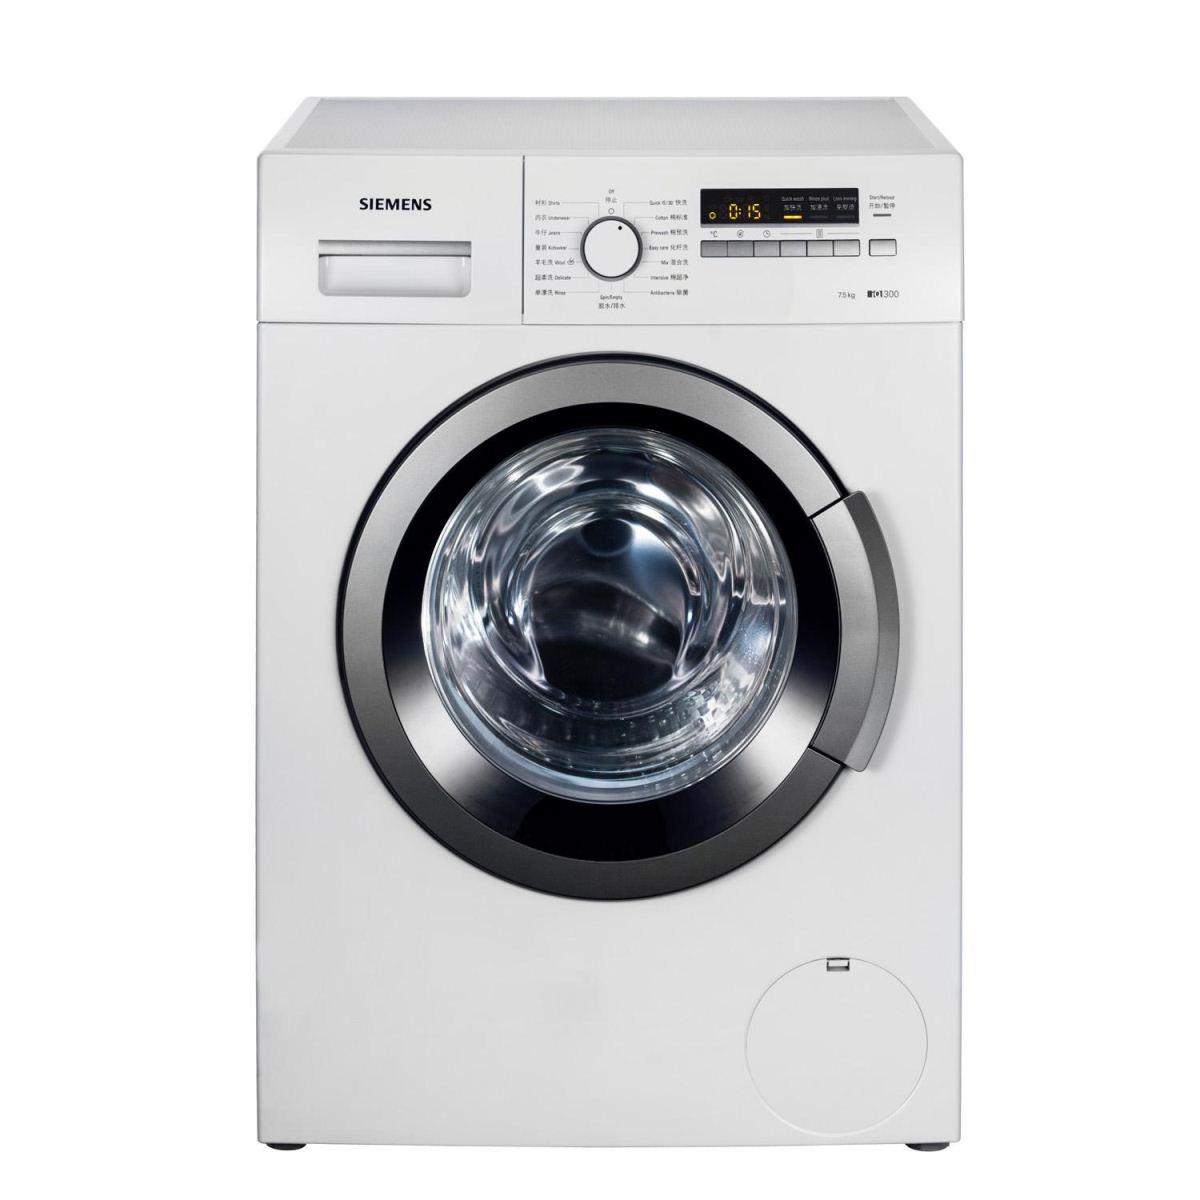 海尔洗衣机延保价格贵吗 怎么选购海尔洗衣机_海尔洗衣机延保